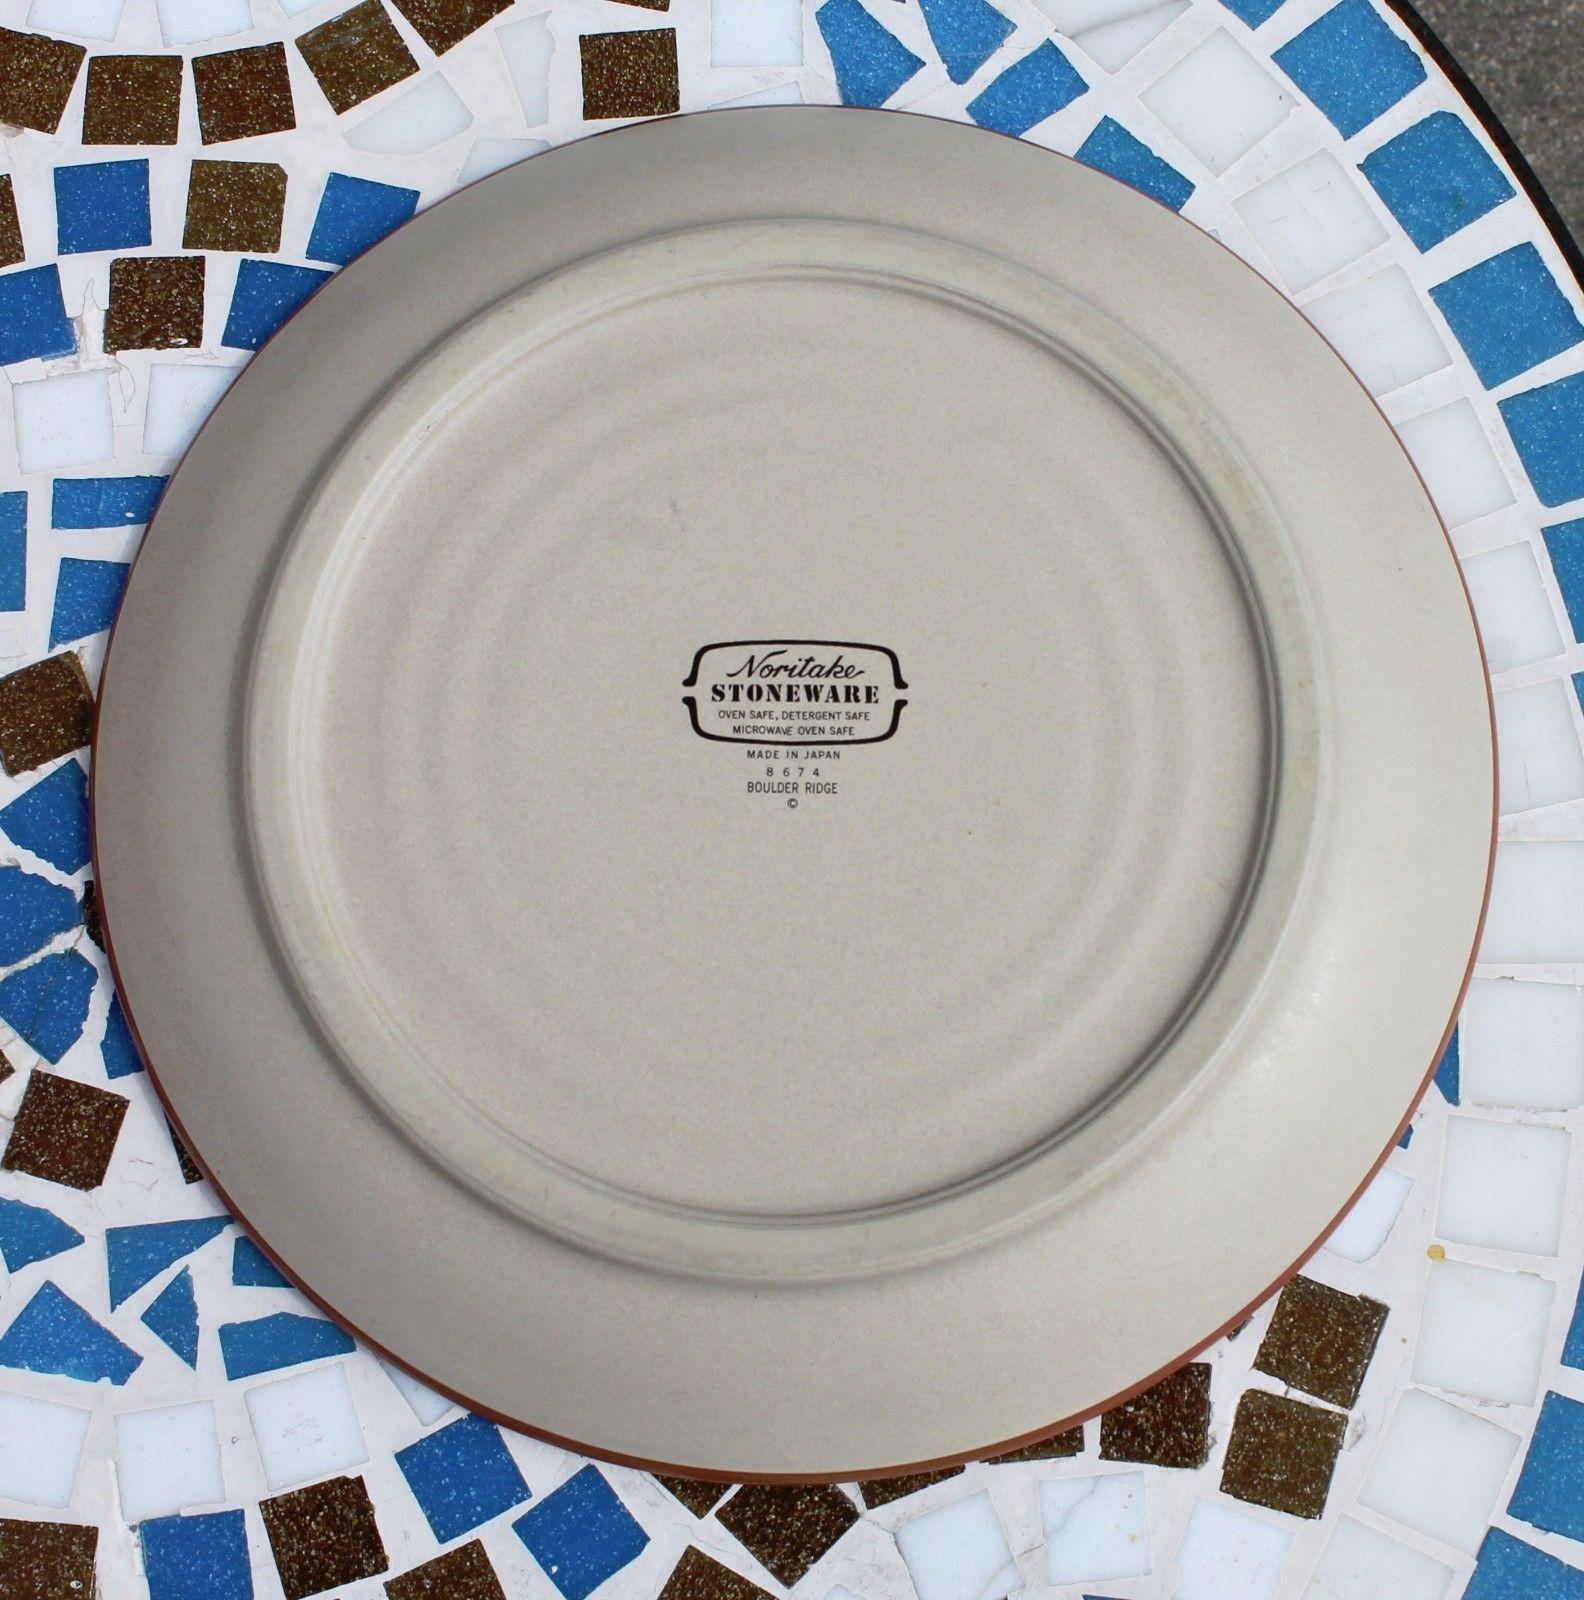 Noritake Stoneware Japan Dinner Plate & Cereal Soup Bowl Boulder Ridge Turquoise image 8